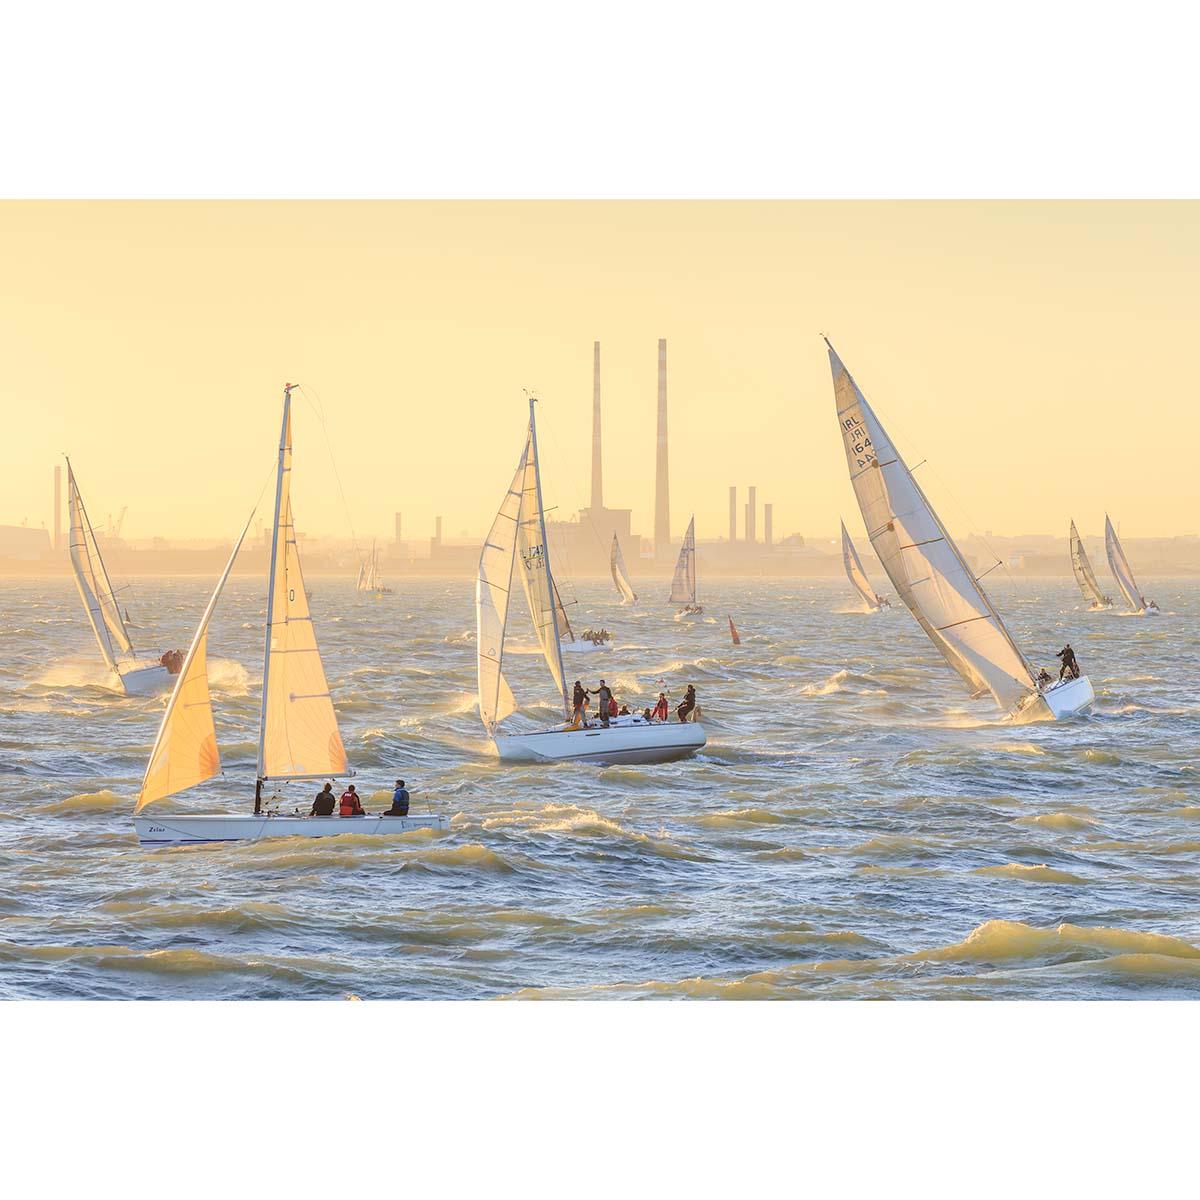 A regatta on Dublin Bay © Robert Kelly